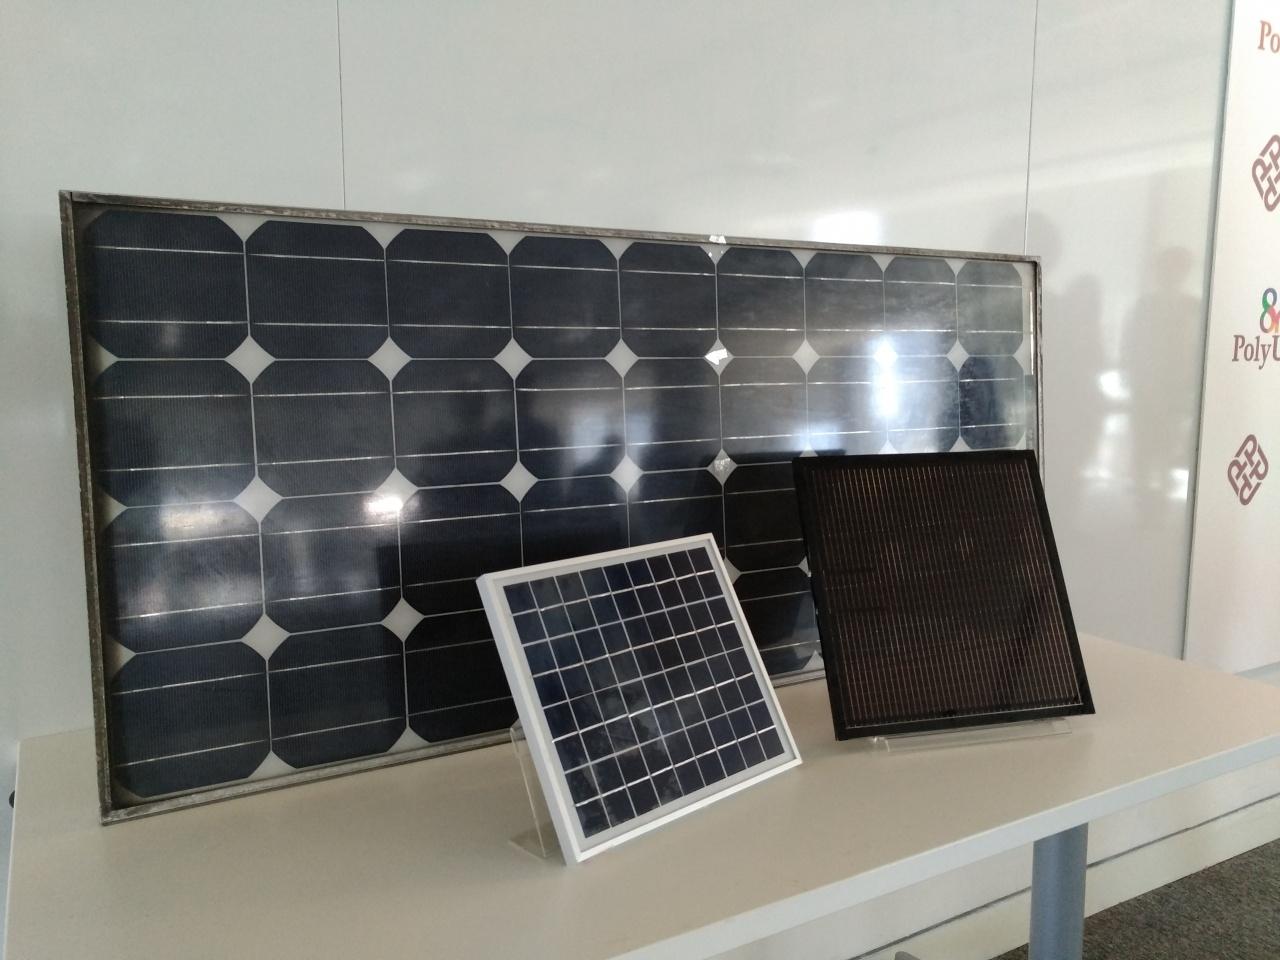 單晶硅發電板(前二)將太陽光線轉換為電能的效率較非晶硅(後)高約10%。(曾向銓攝)